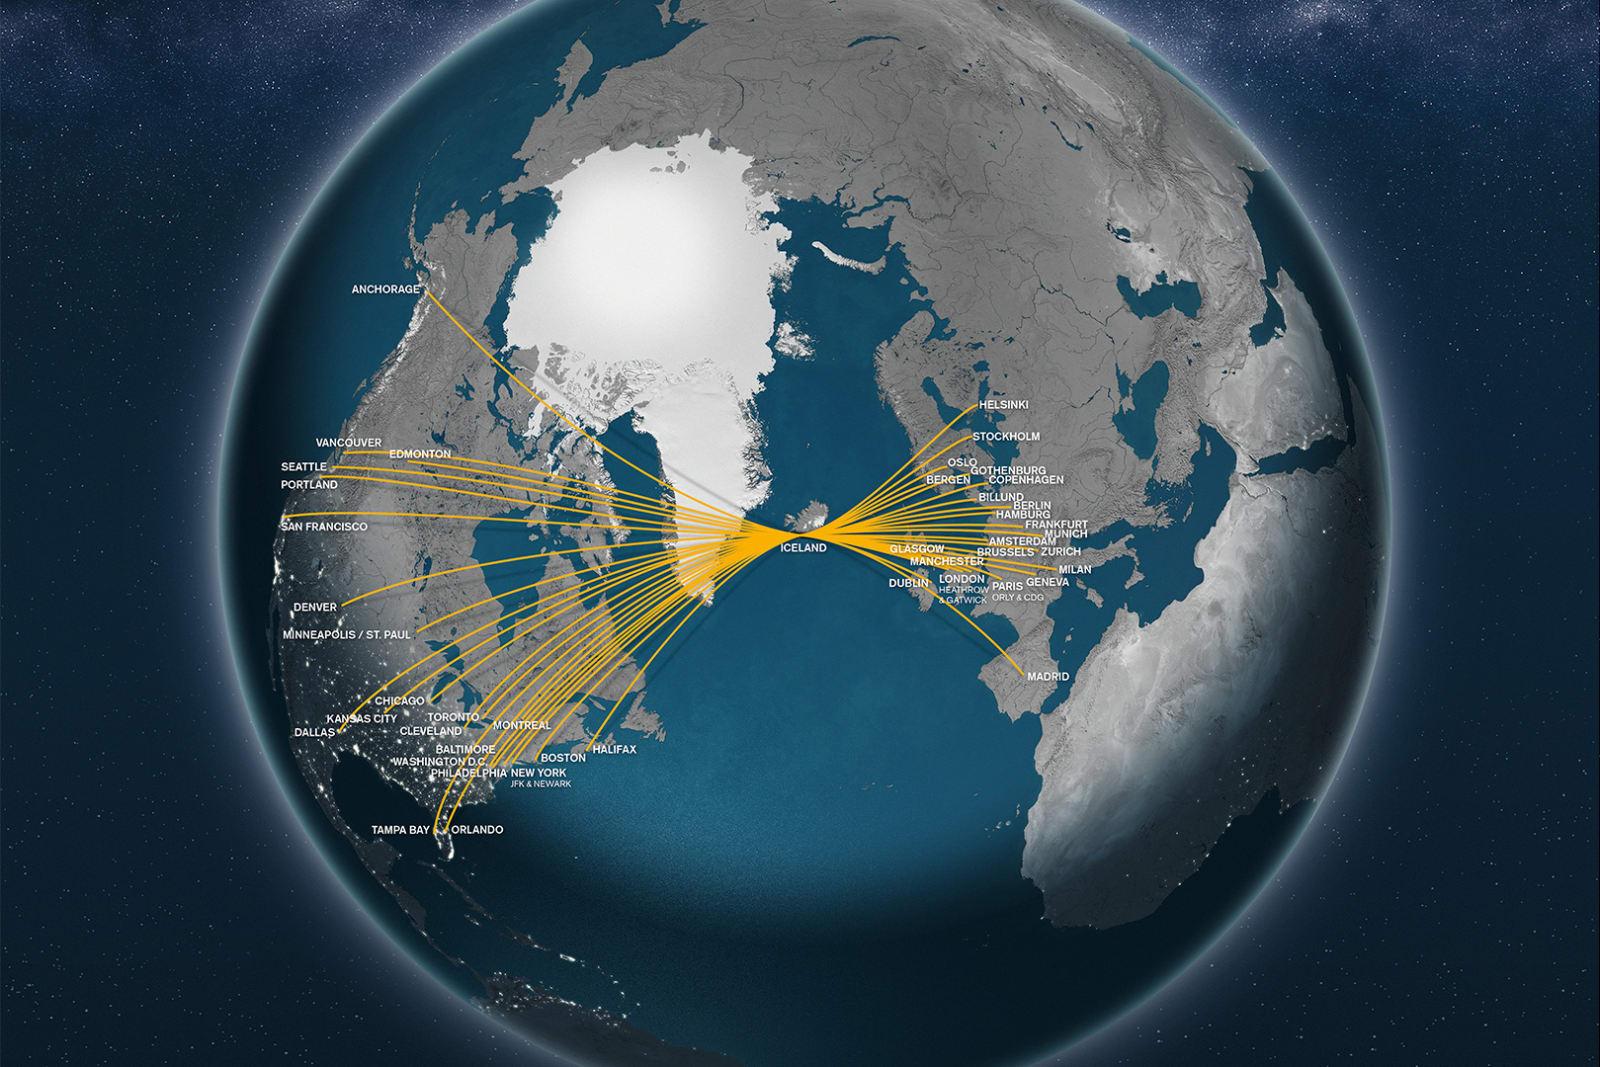 Маршрутная сеть авиакомпании Icelandair